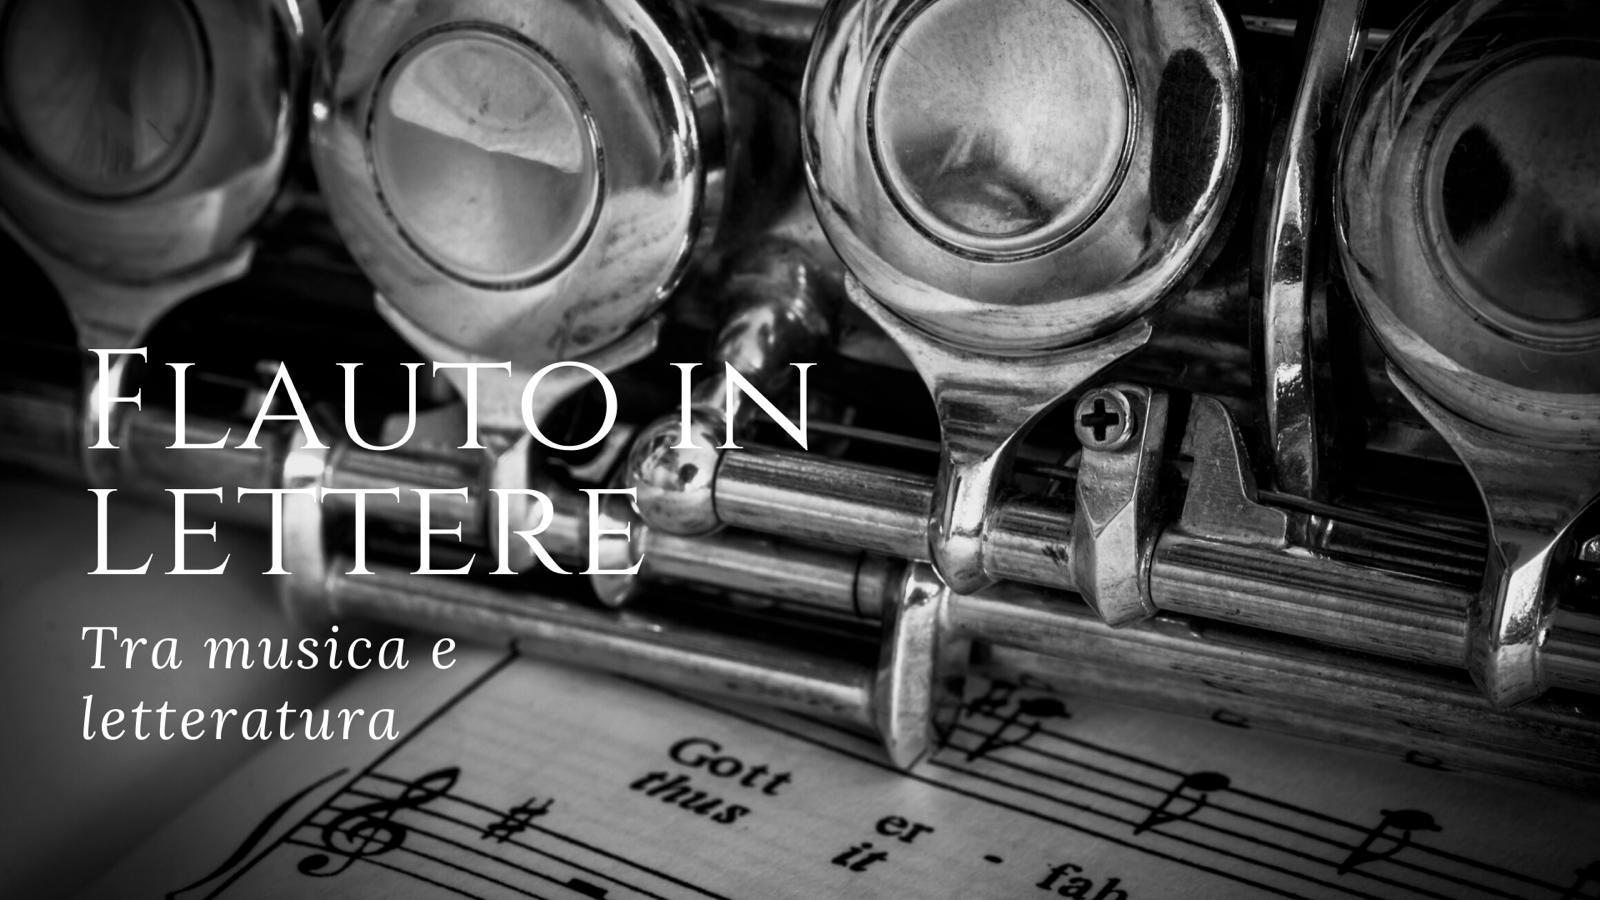 Musica, Napoli: flauto in lettere, tra musica e letteratura